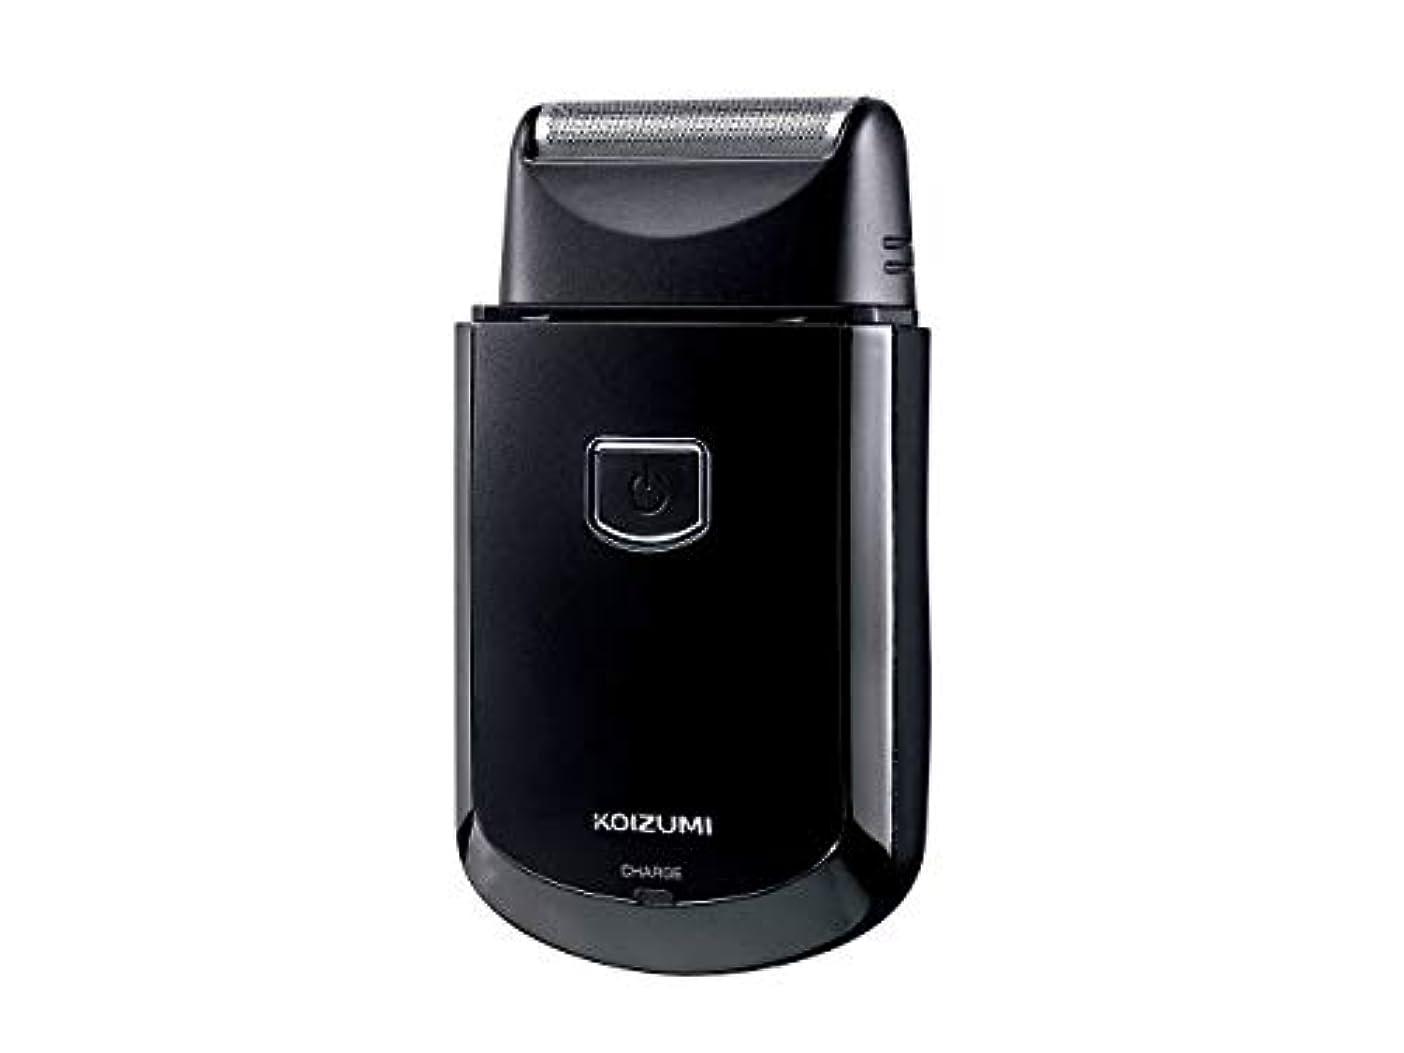 森林シーサイド上にコイズミ メンズシェーバー USB充電式 往復式 ブラック KMC-0700/K